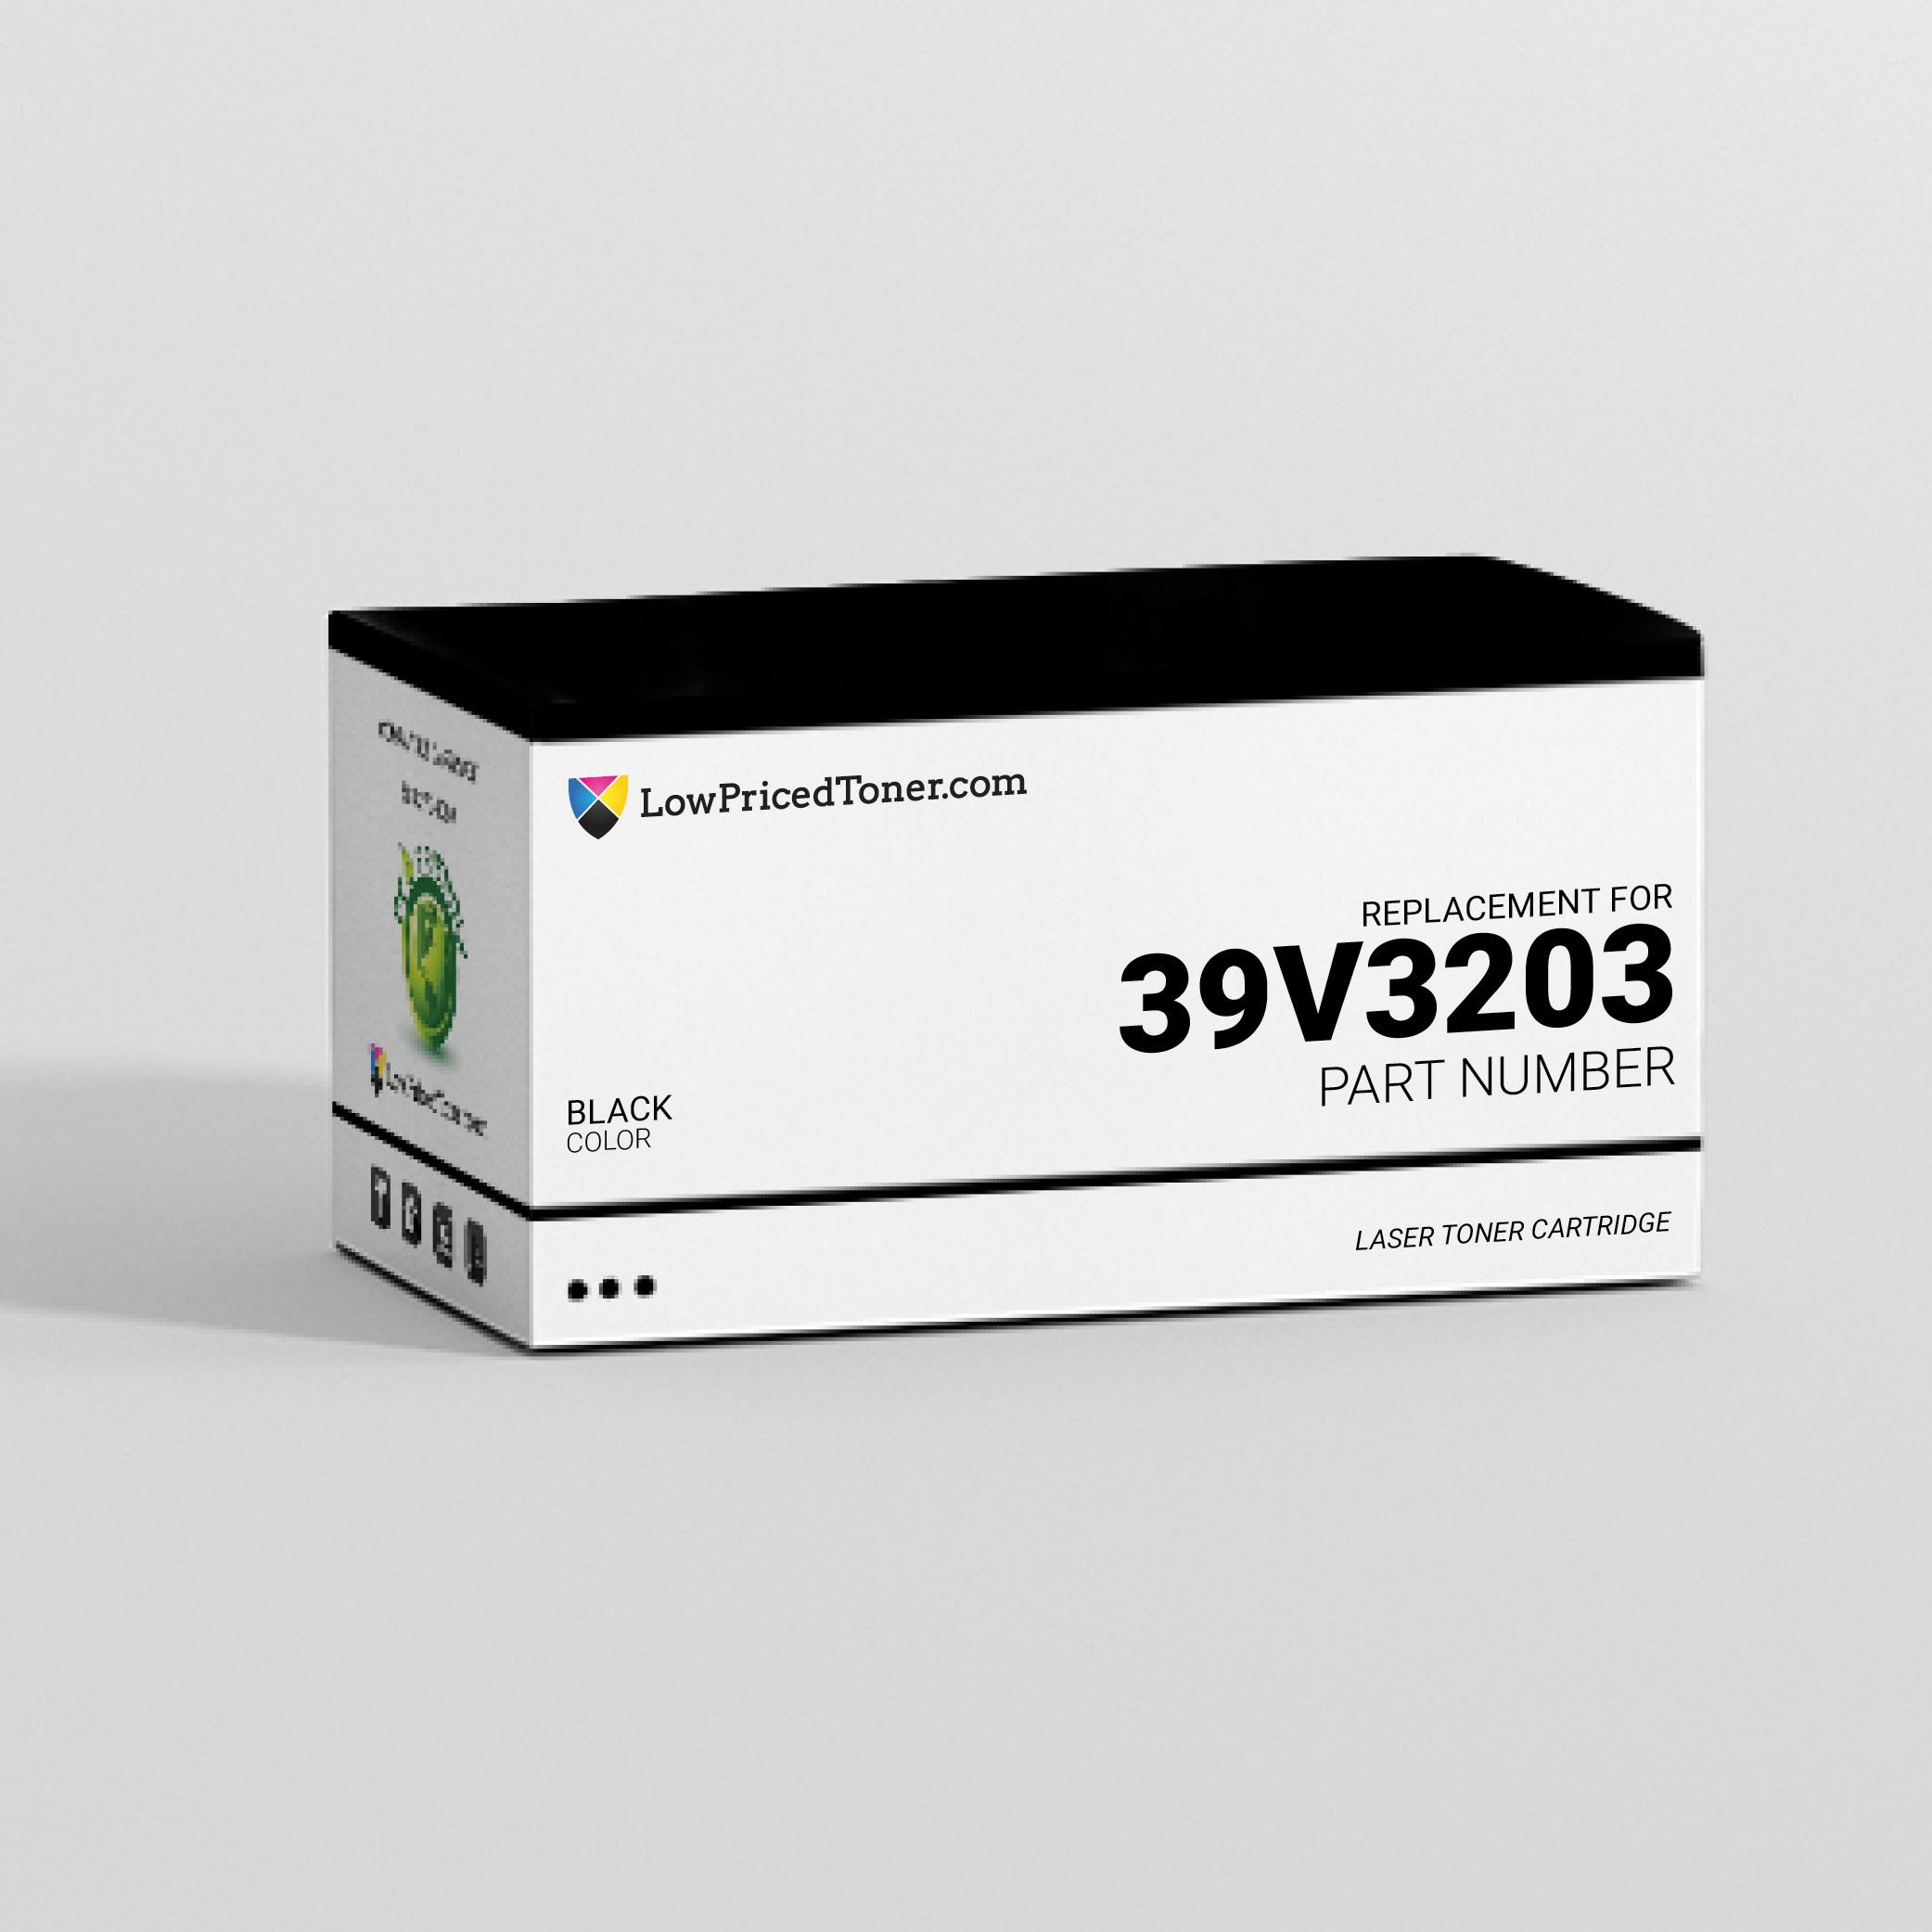 IBM 39V3203 Remanufactured Black Laser Toner Cartridge